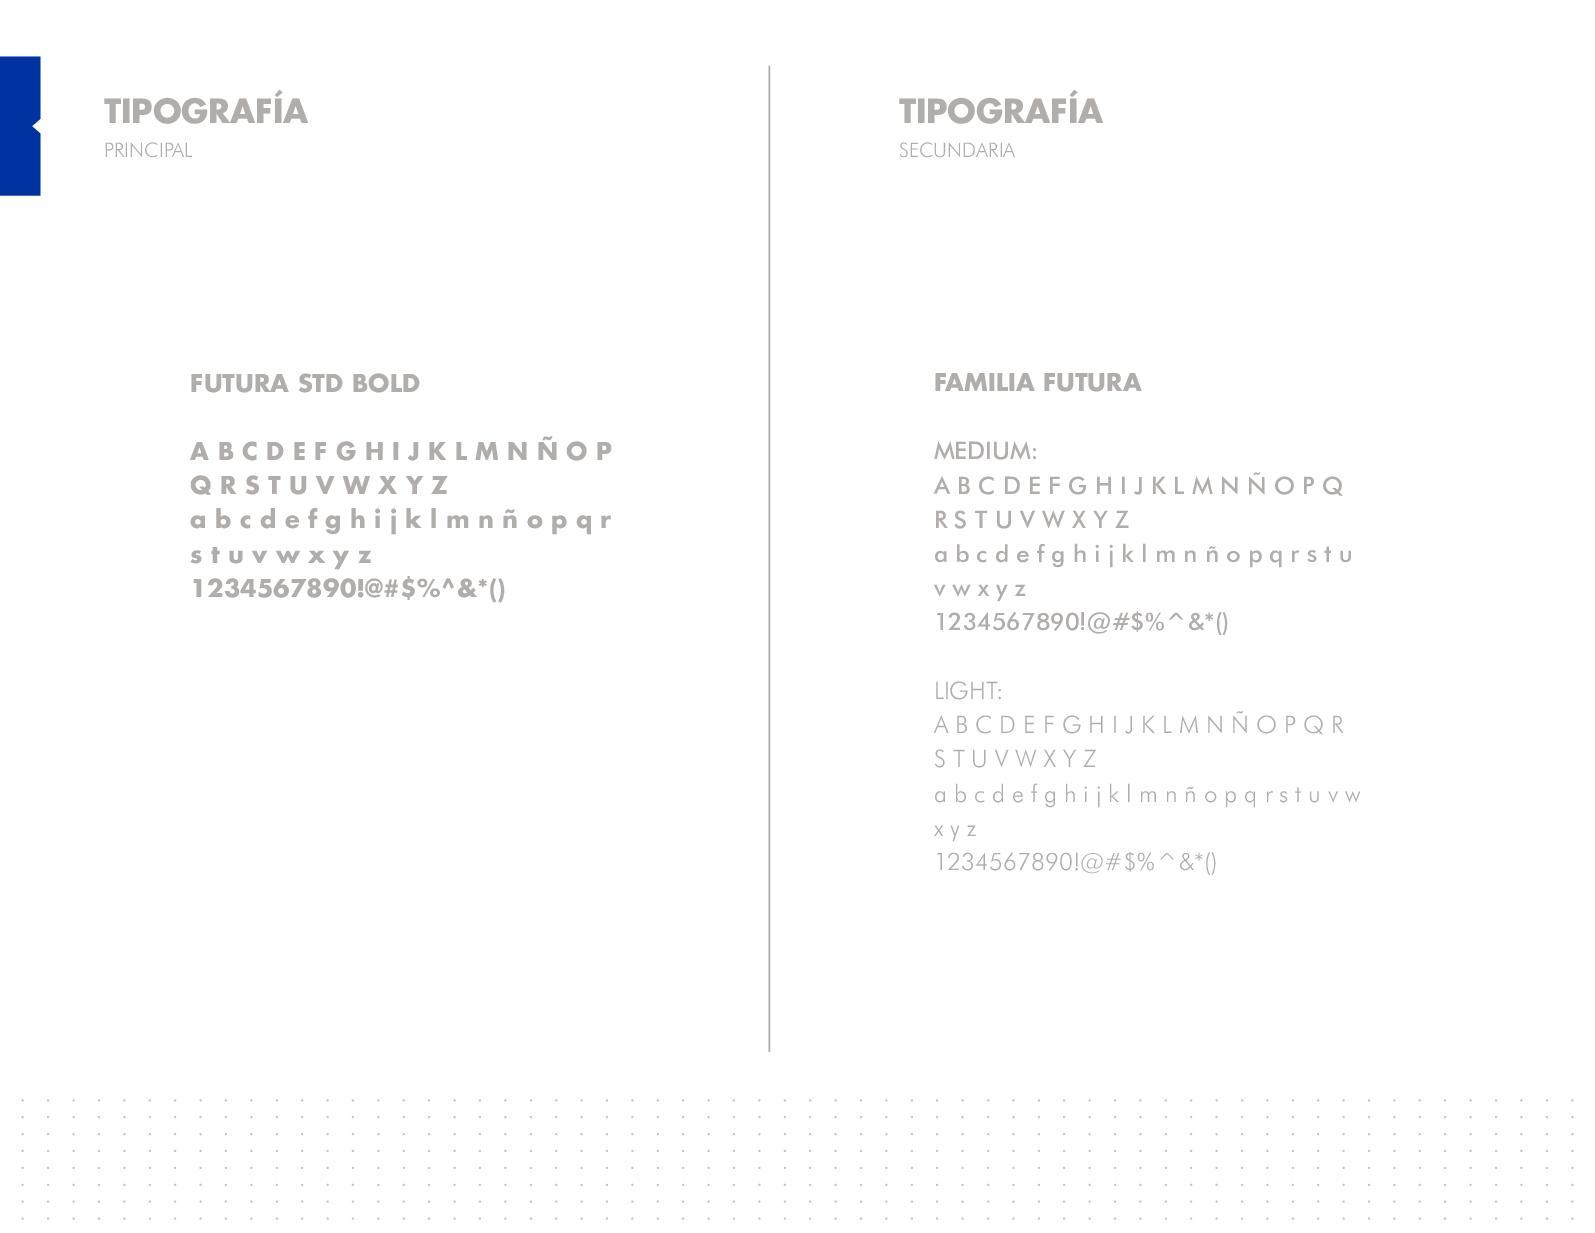 Manual De Marca Súper Pollería Final - CALAMEO Downloader